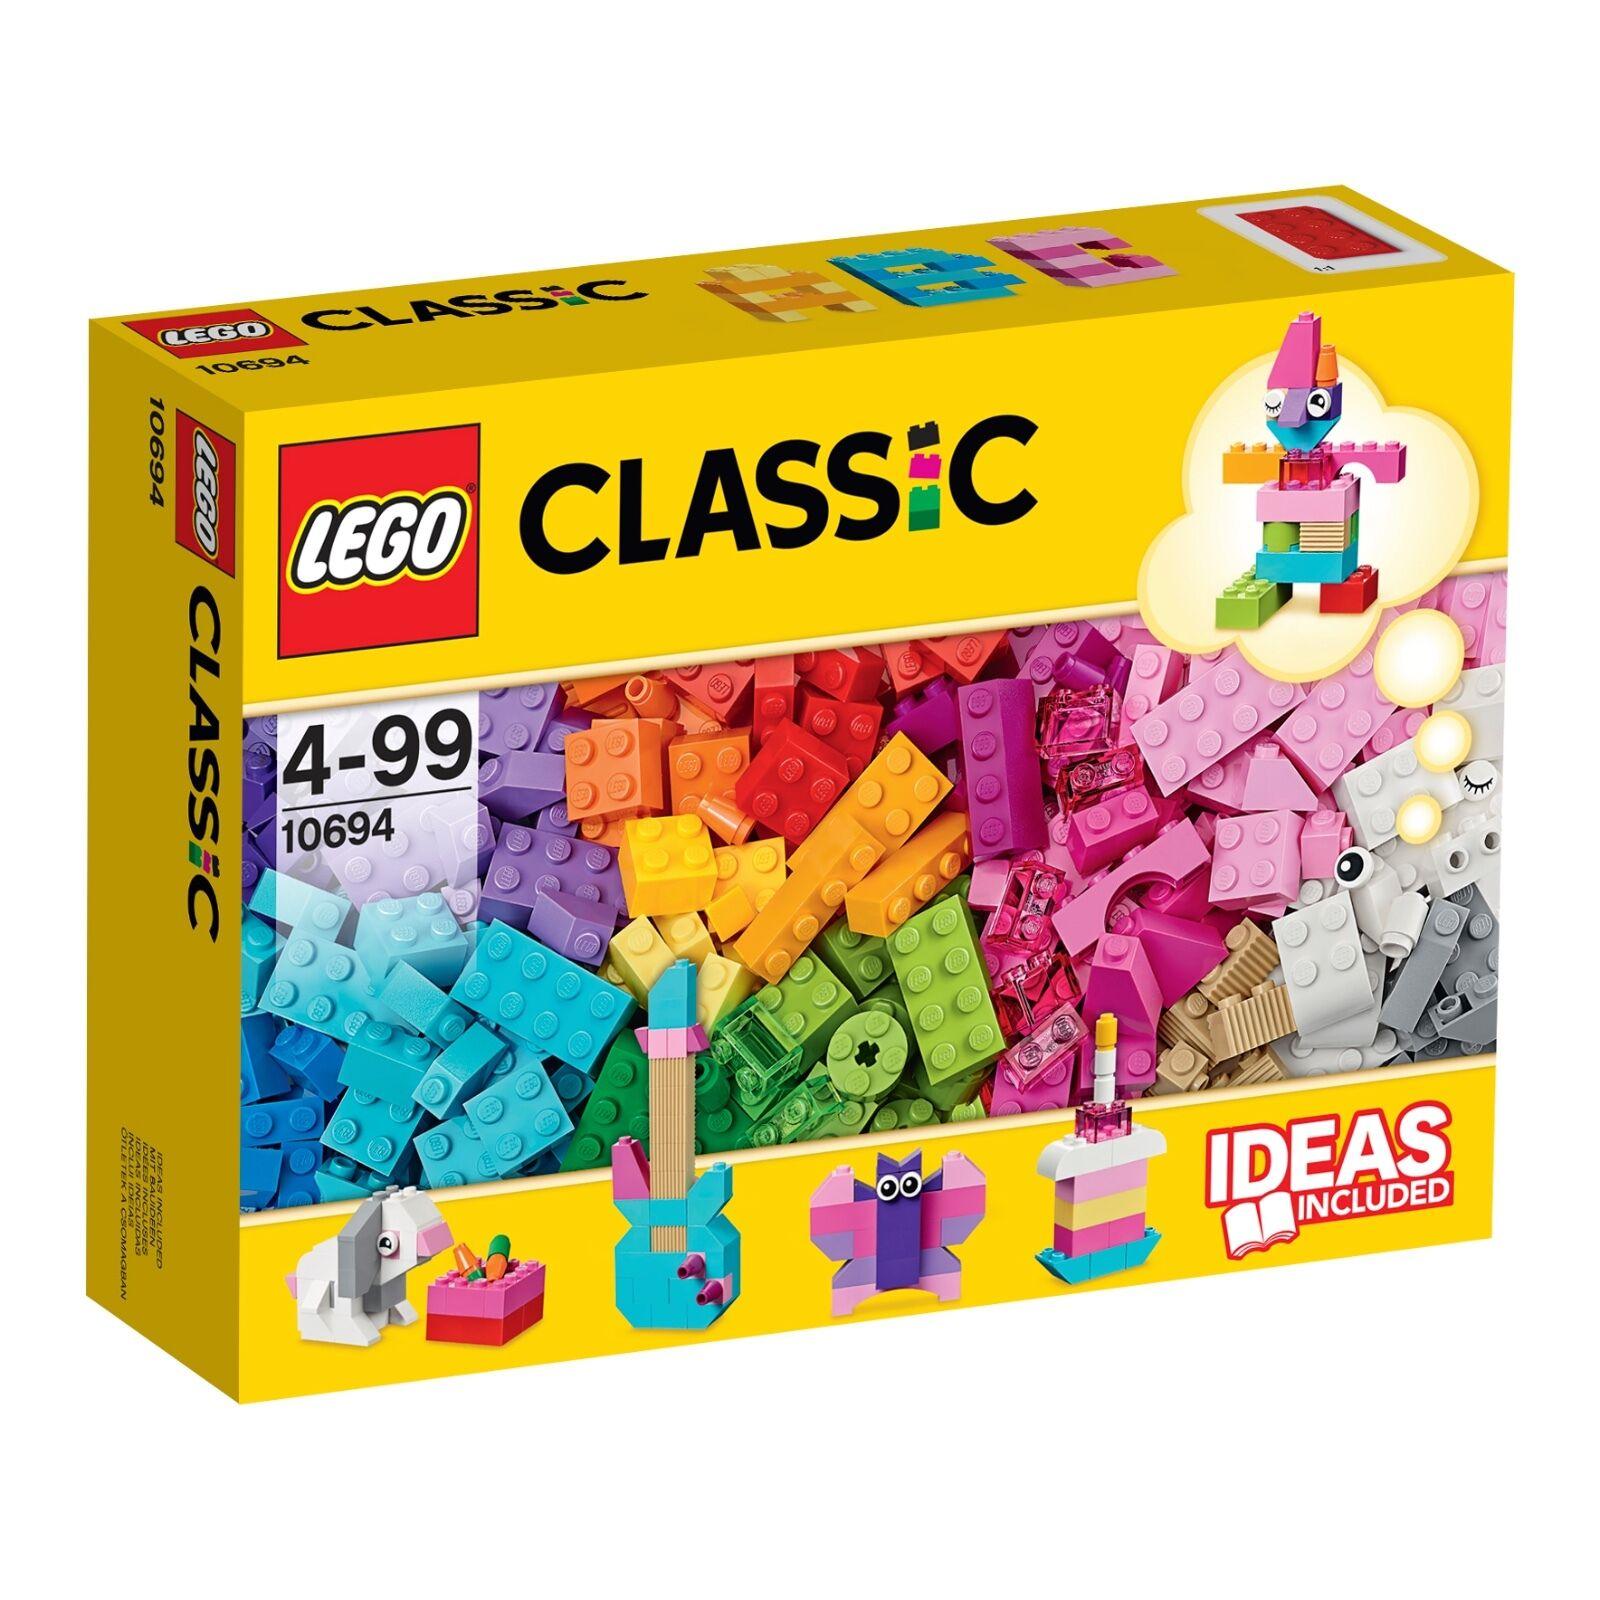 LEGO® Classic 10694 Baustein-Ergänzungsset Pastelltöne NEU OVP NEW MISB NRFB